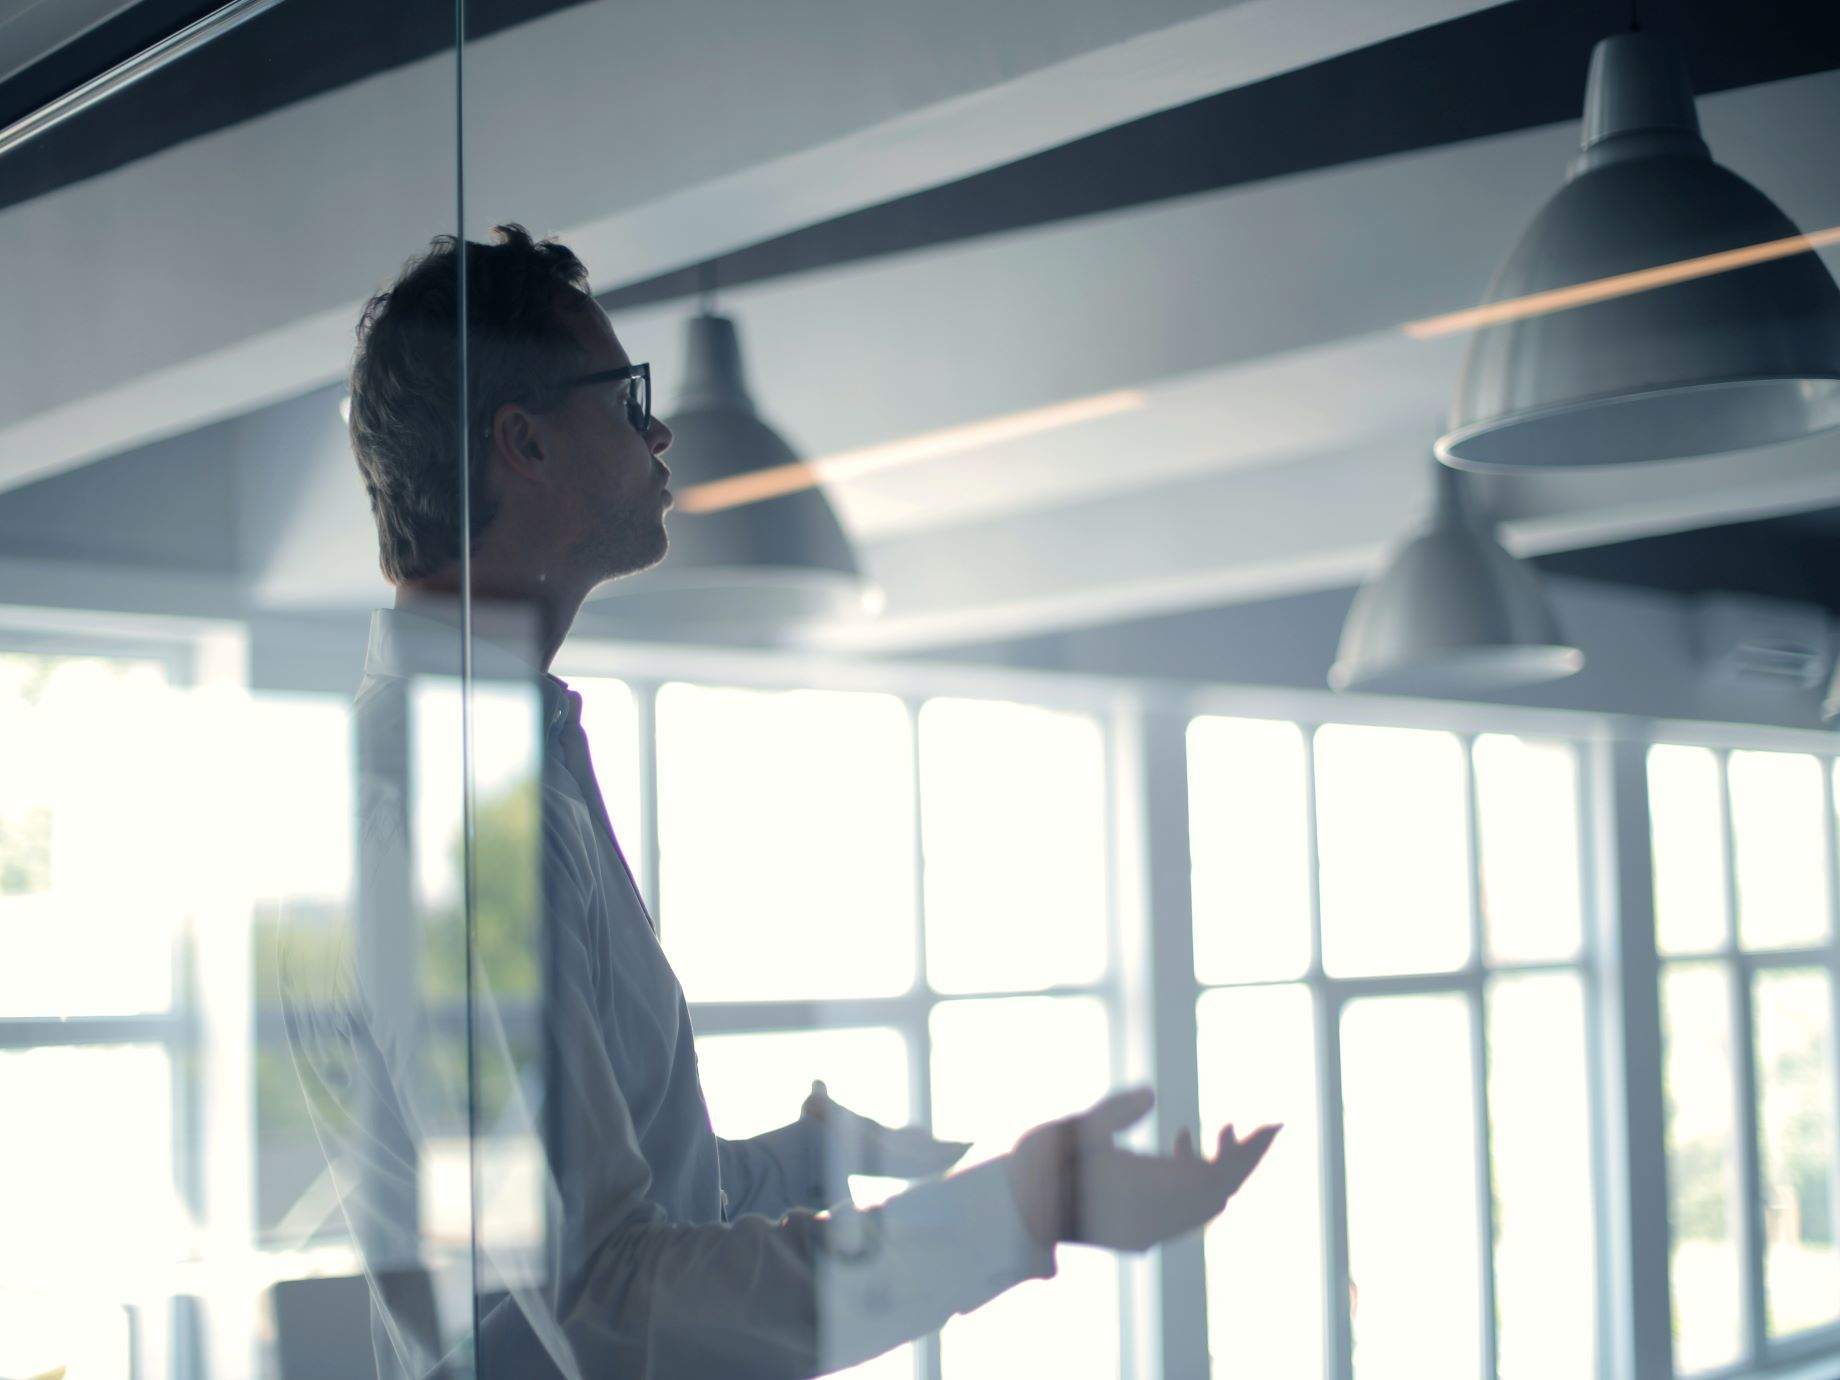 原來「直覺腦」決定了你的提案是否過關!掌握5法則,從人性角度增強說服力